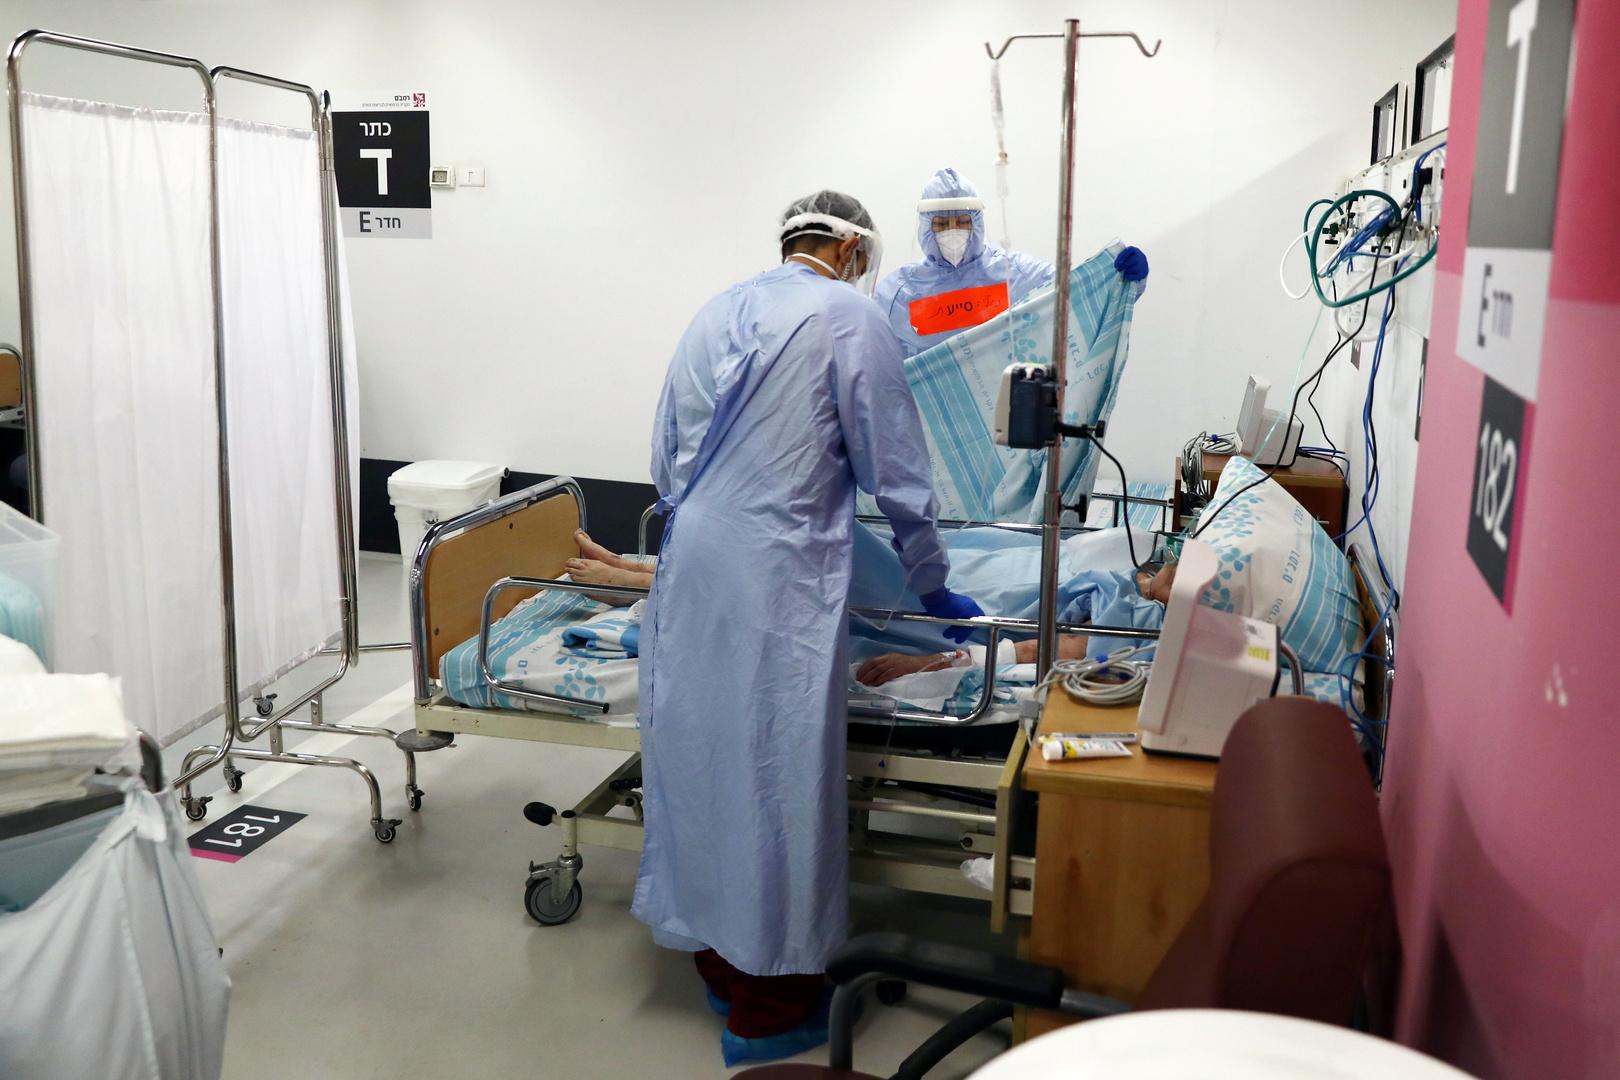 إسرائيل تسجل ارتفاعا حادا في إصابات كورونا